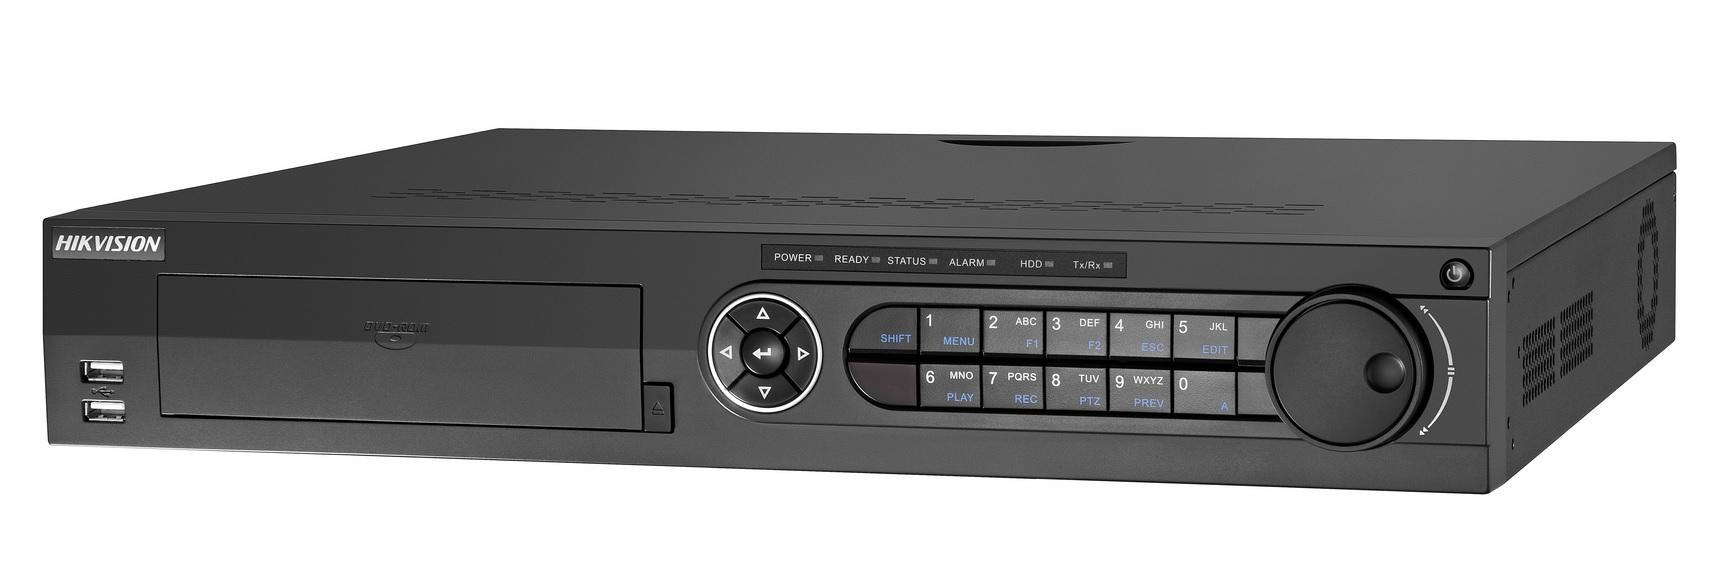 HIKVISION DS-7332HQHI-K4 Καταγραφικό HDTVI έως 4MP